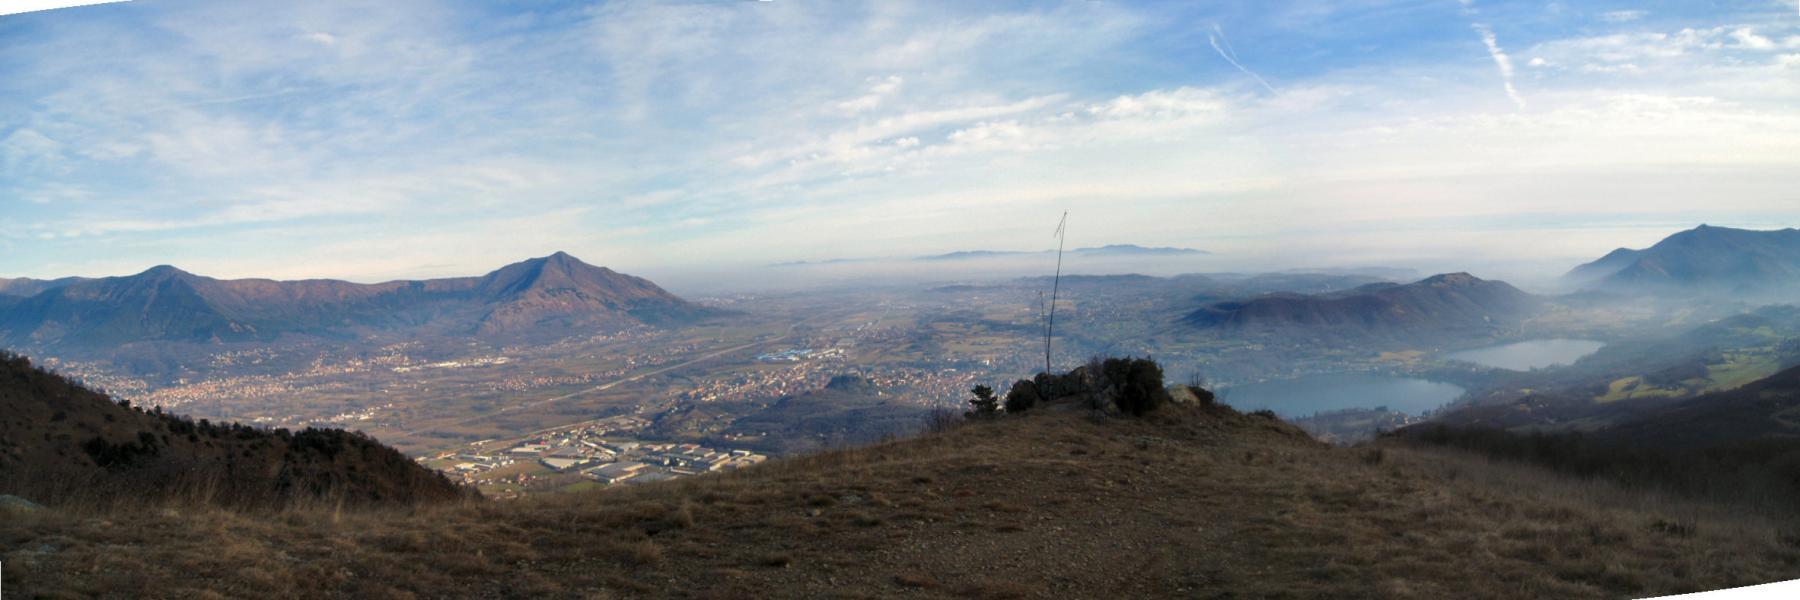 panoramica con musinè, zona industriale e laghi di avigliana